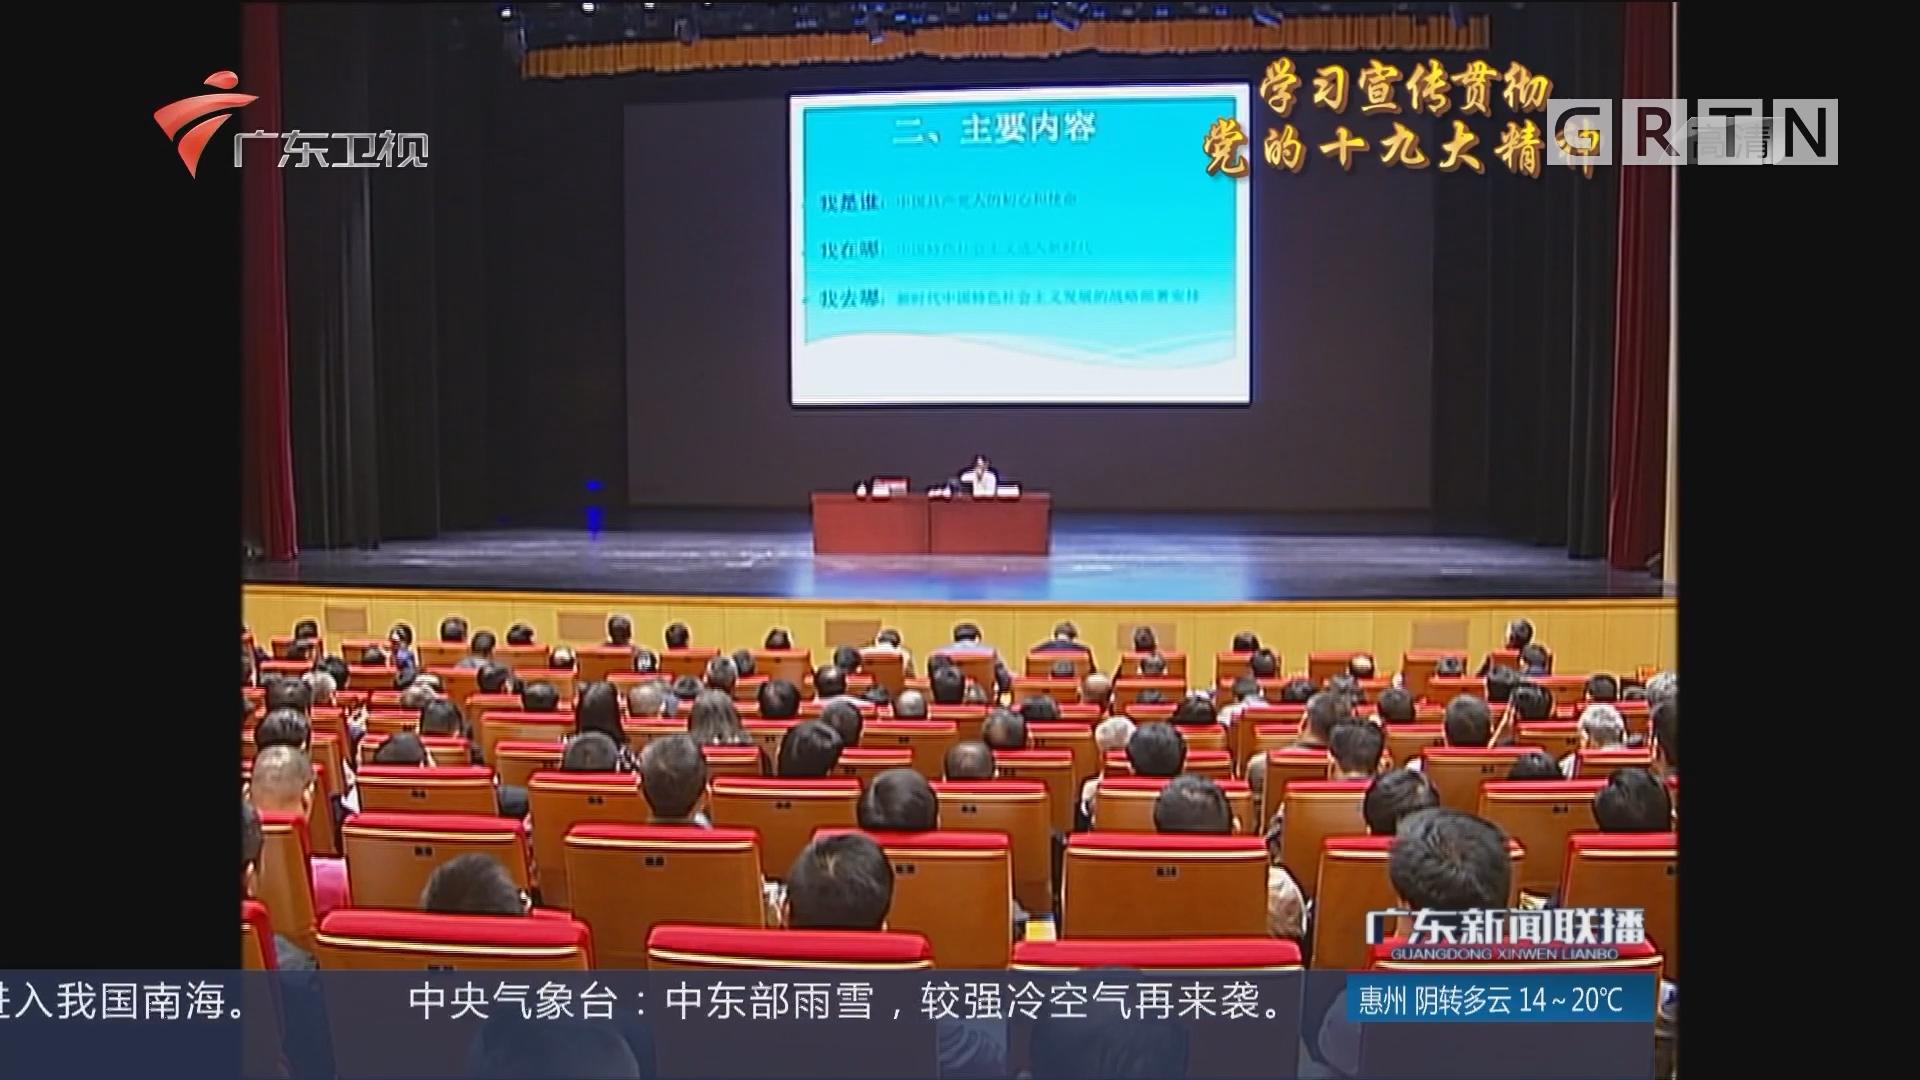 学习新思想 促进新改革——省委宣讲团和十九大代表深入基层宣讲十九大精神